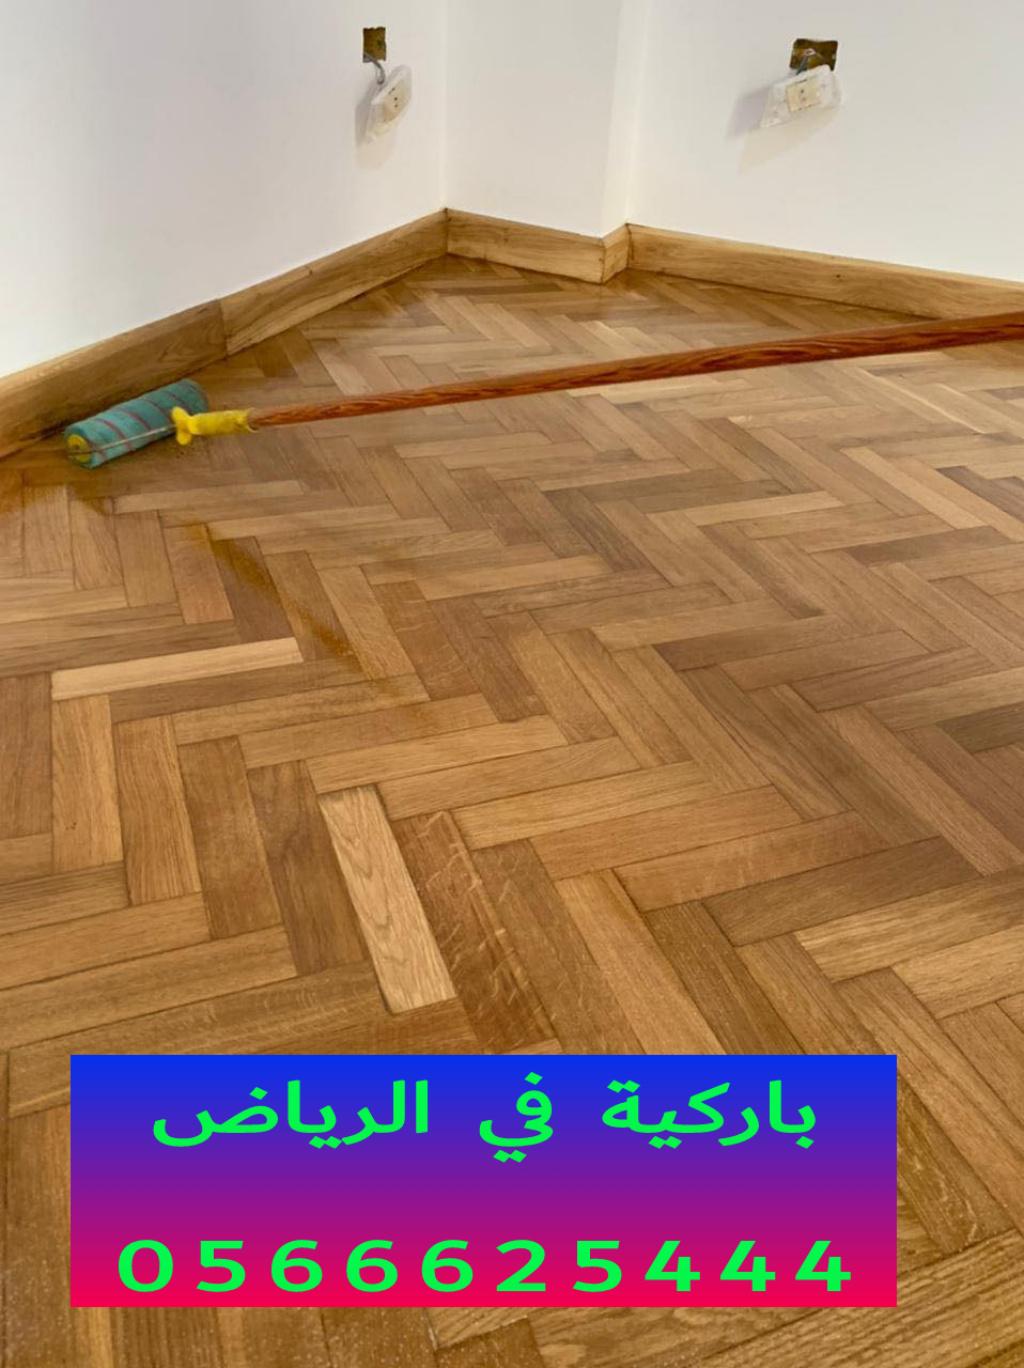 باركيه الرياض 0566625444 تركيب باركية p_192861vrp1.jpg